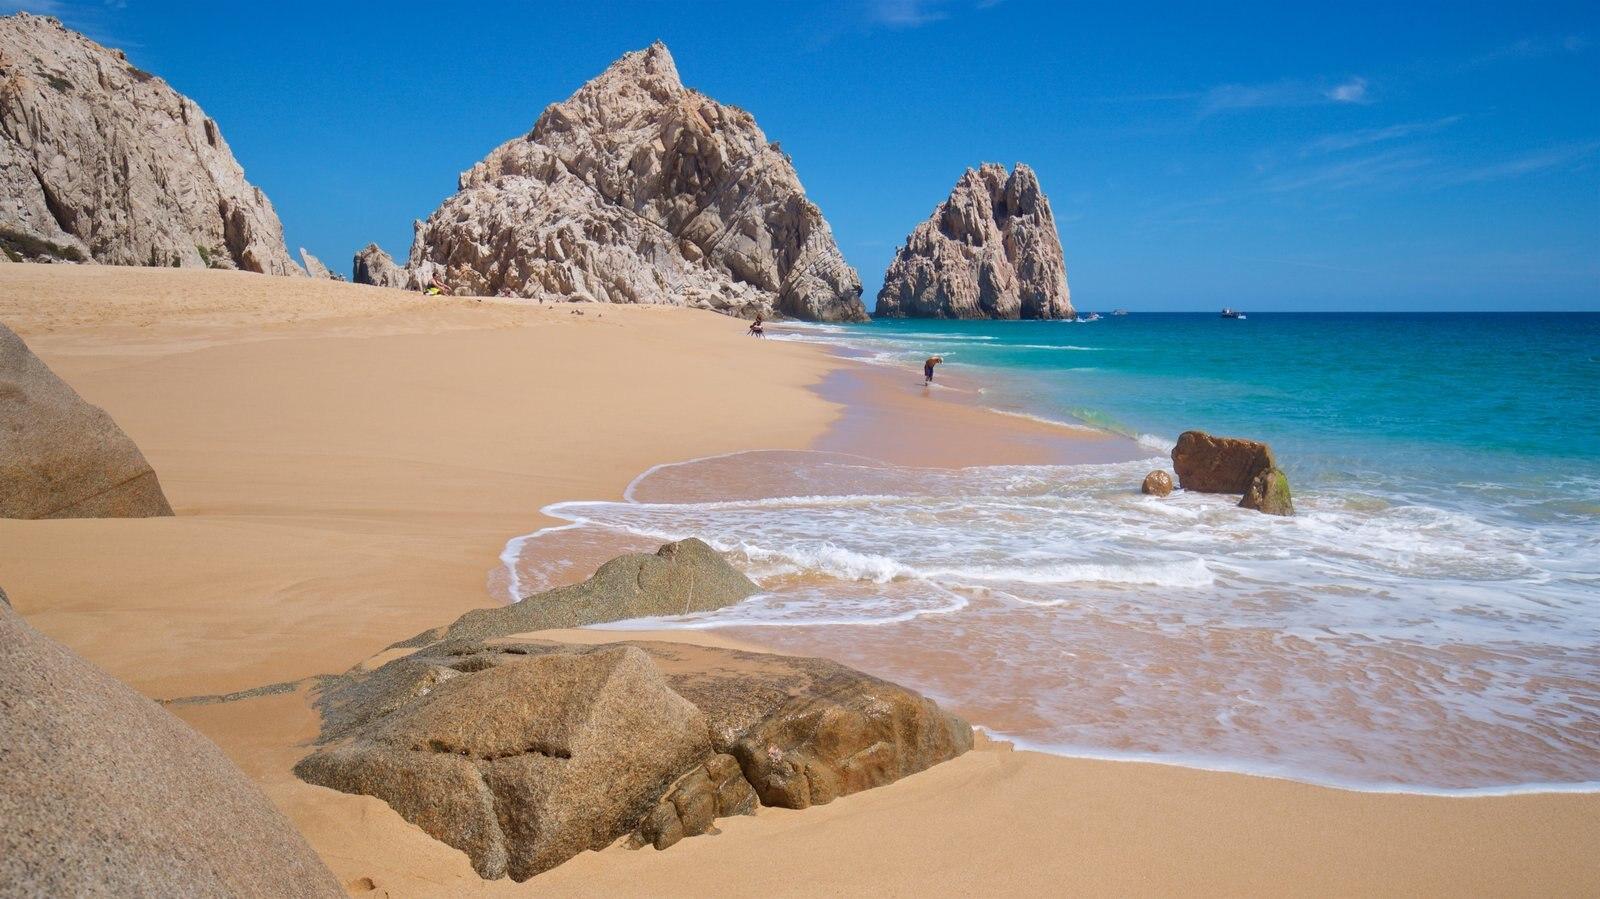 Playa Divorce mostrando una playa, vistas generales de la costa y costa rocosa